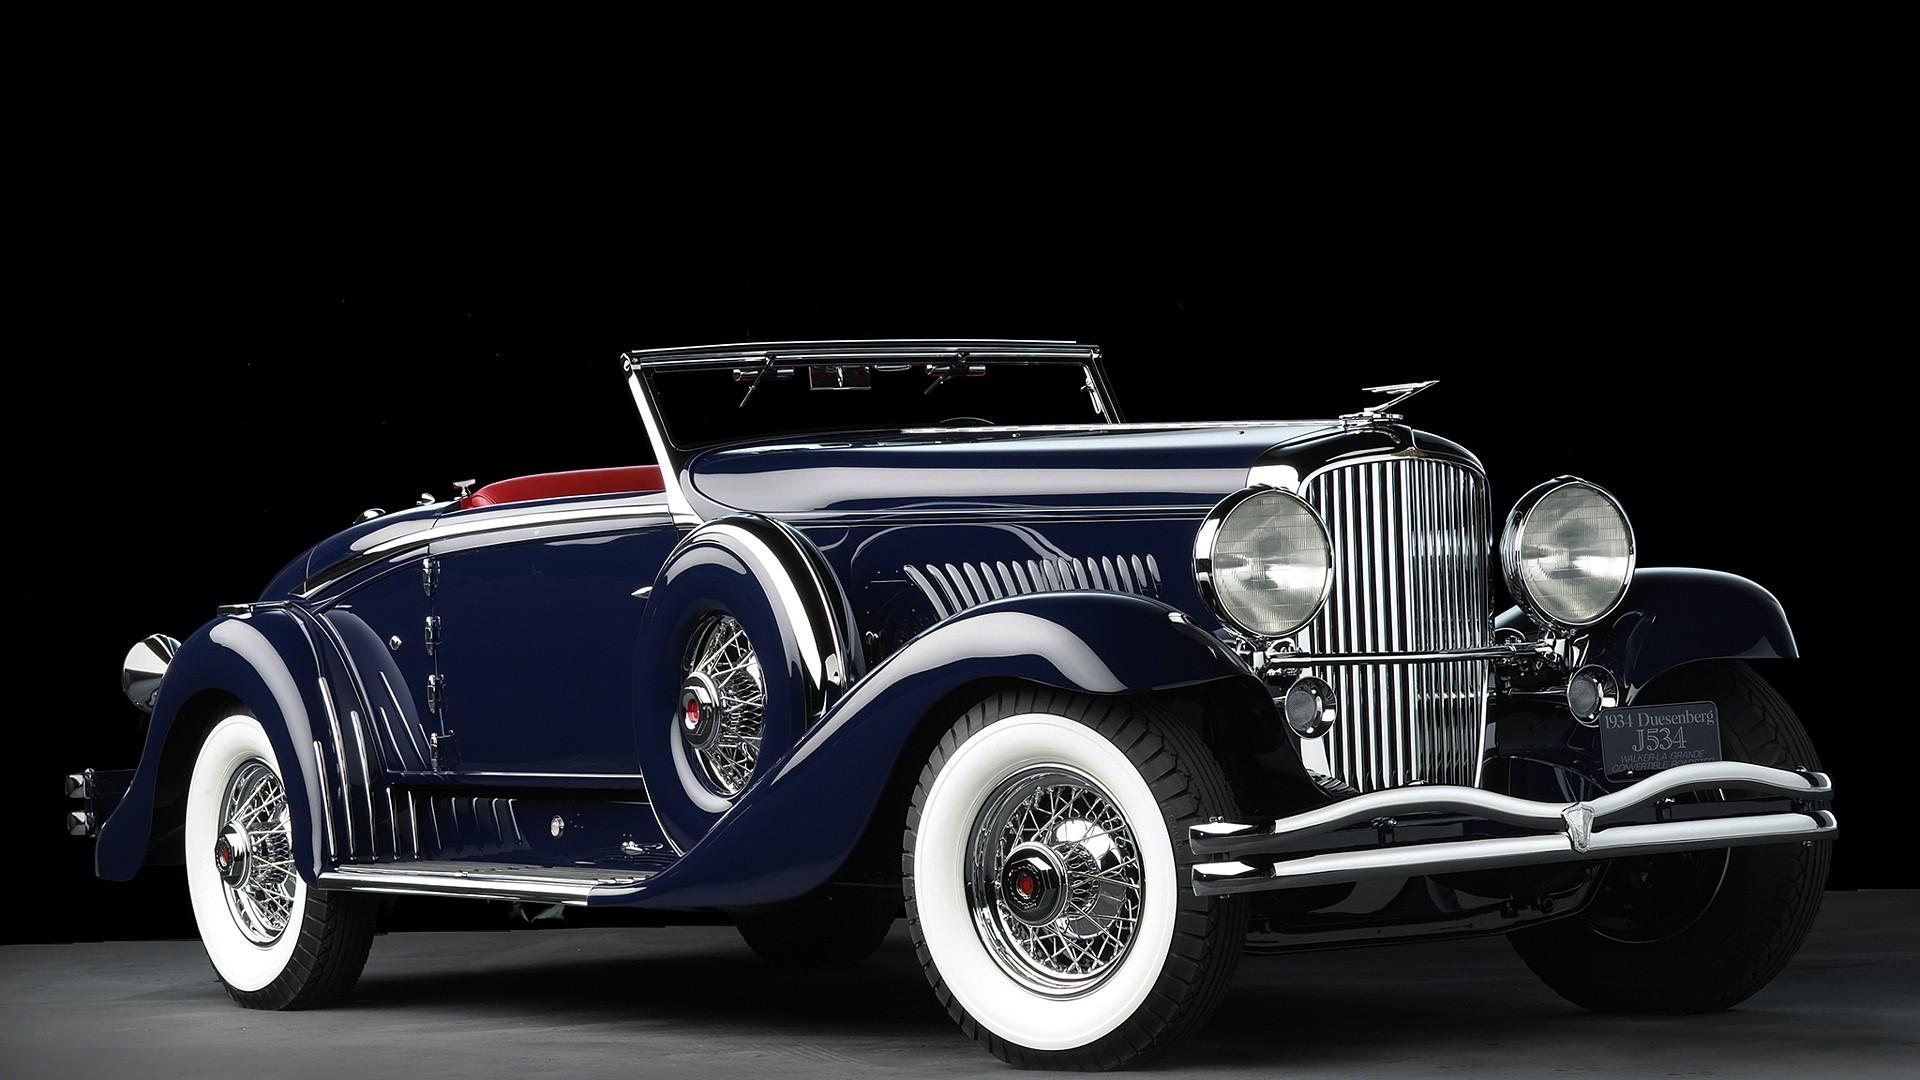 Hd Classic Car Wallpaper Wallpapersafari